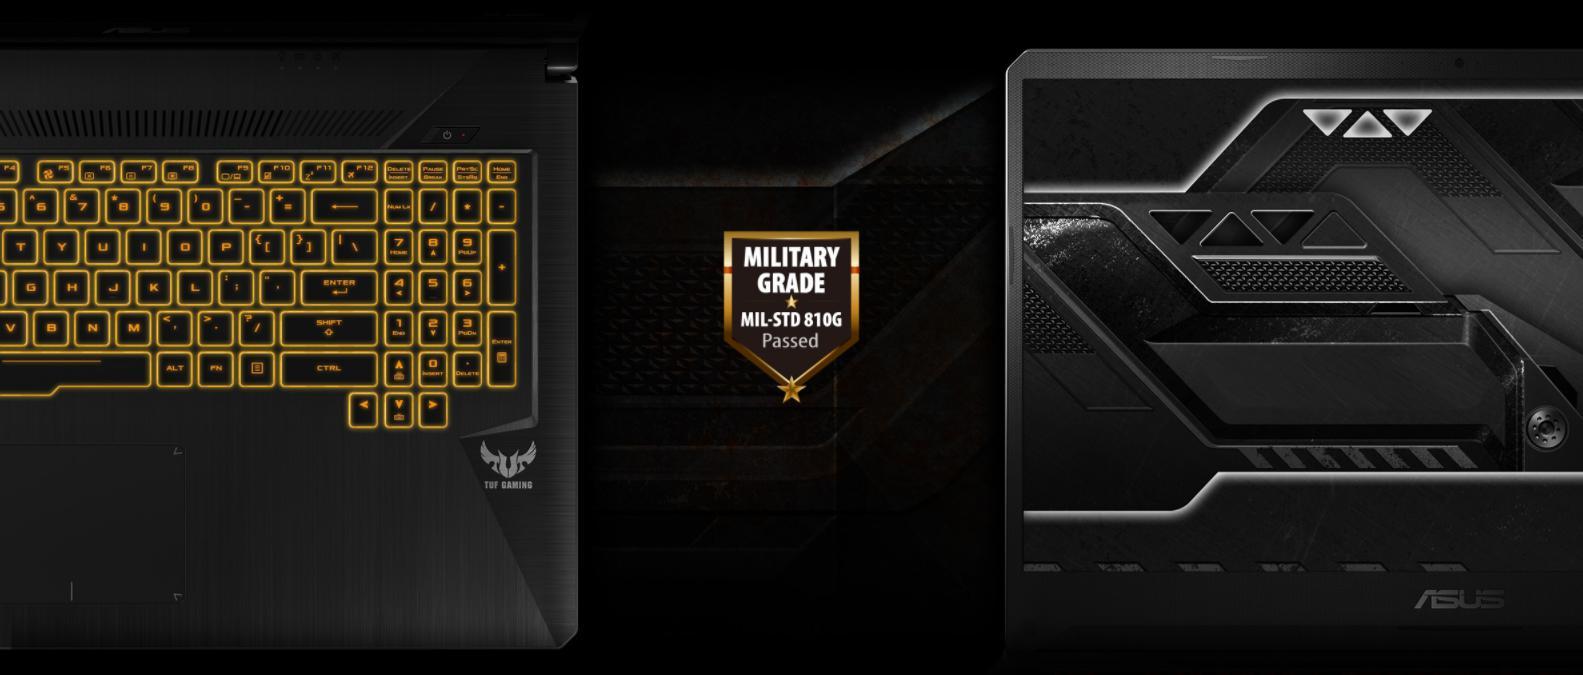 Đánh giá sản phẩm Laptop Asus TUF Gaming FX705GE-EW165T 2